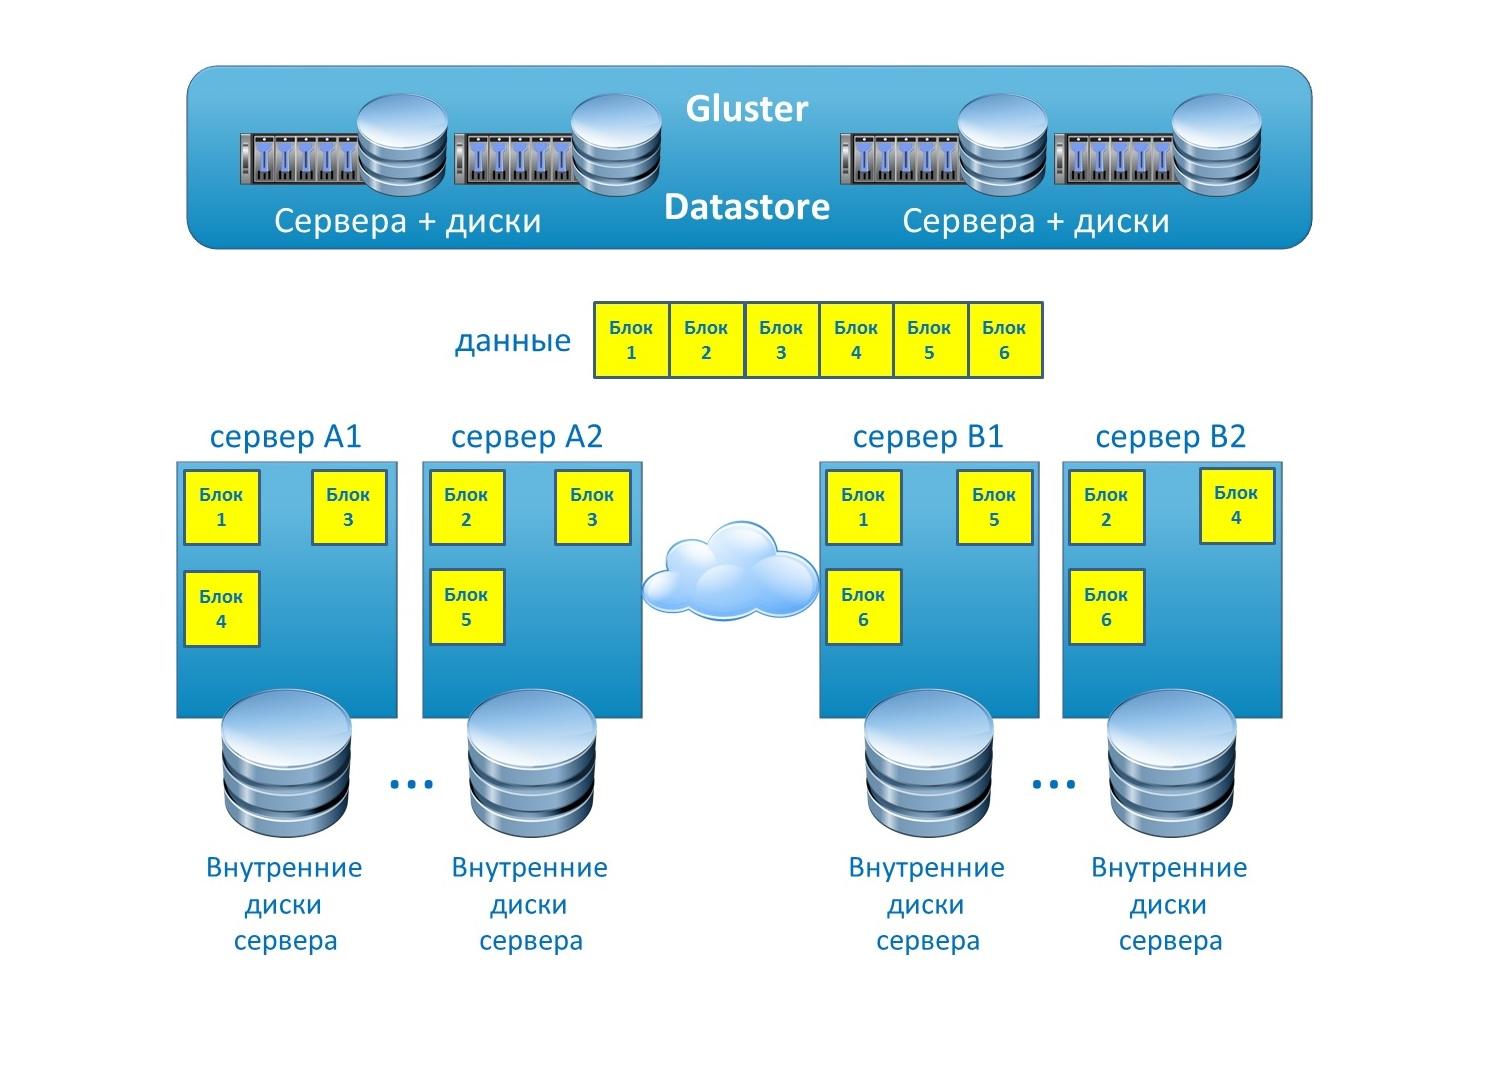 datastore1